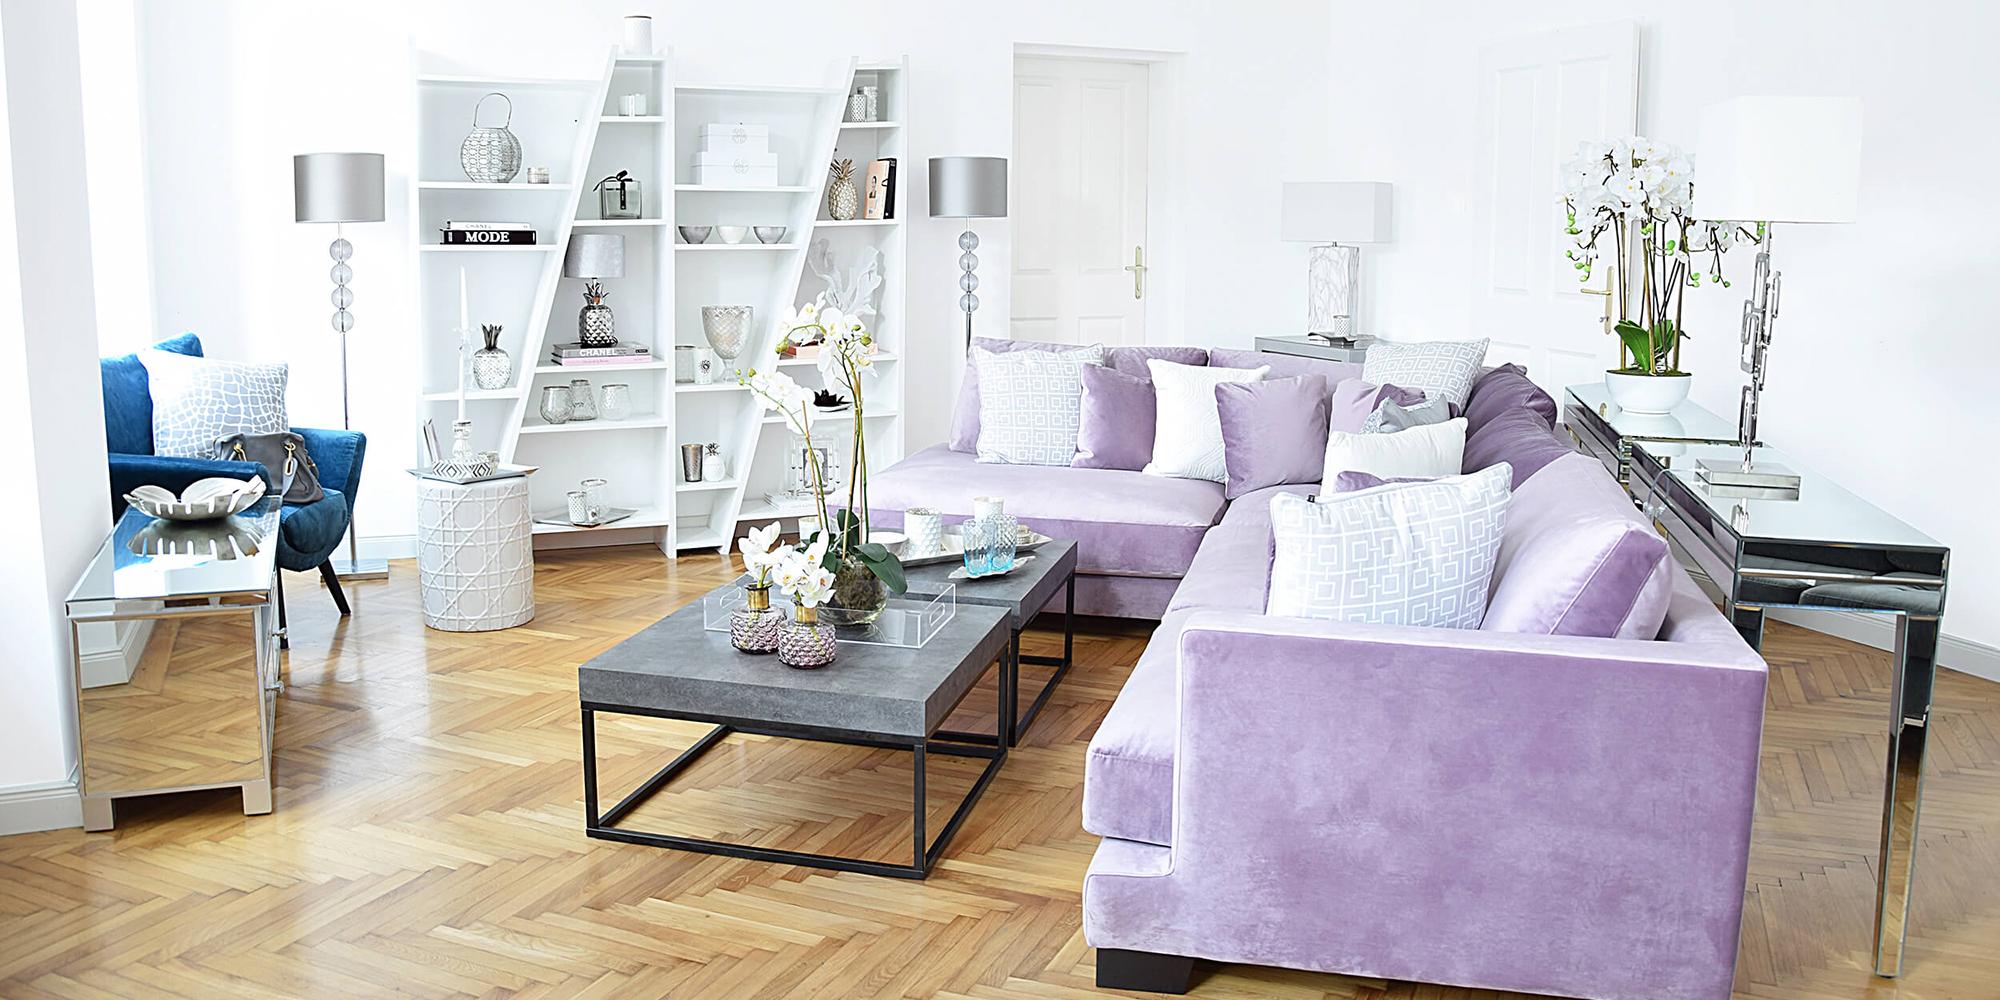 Wohnzimmer Interior - City Loft